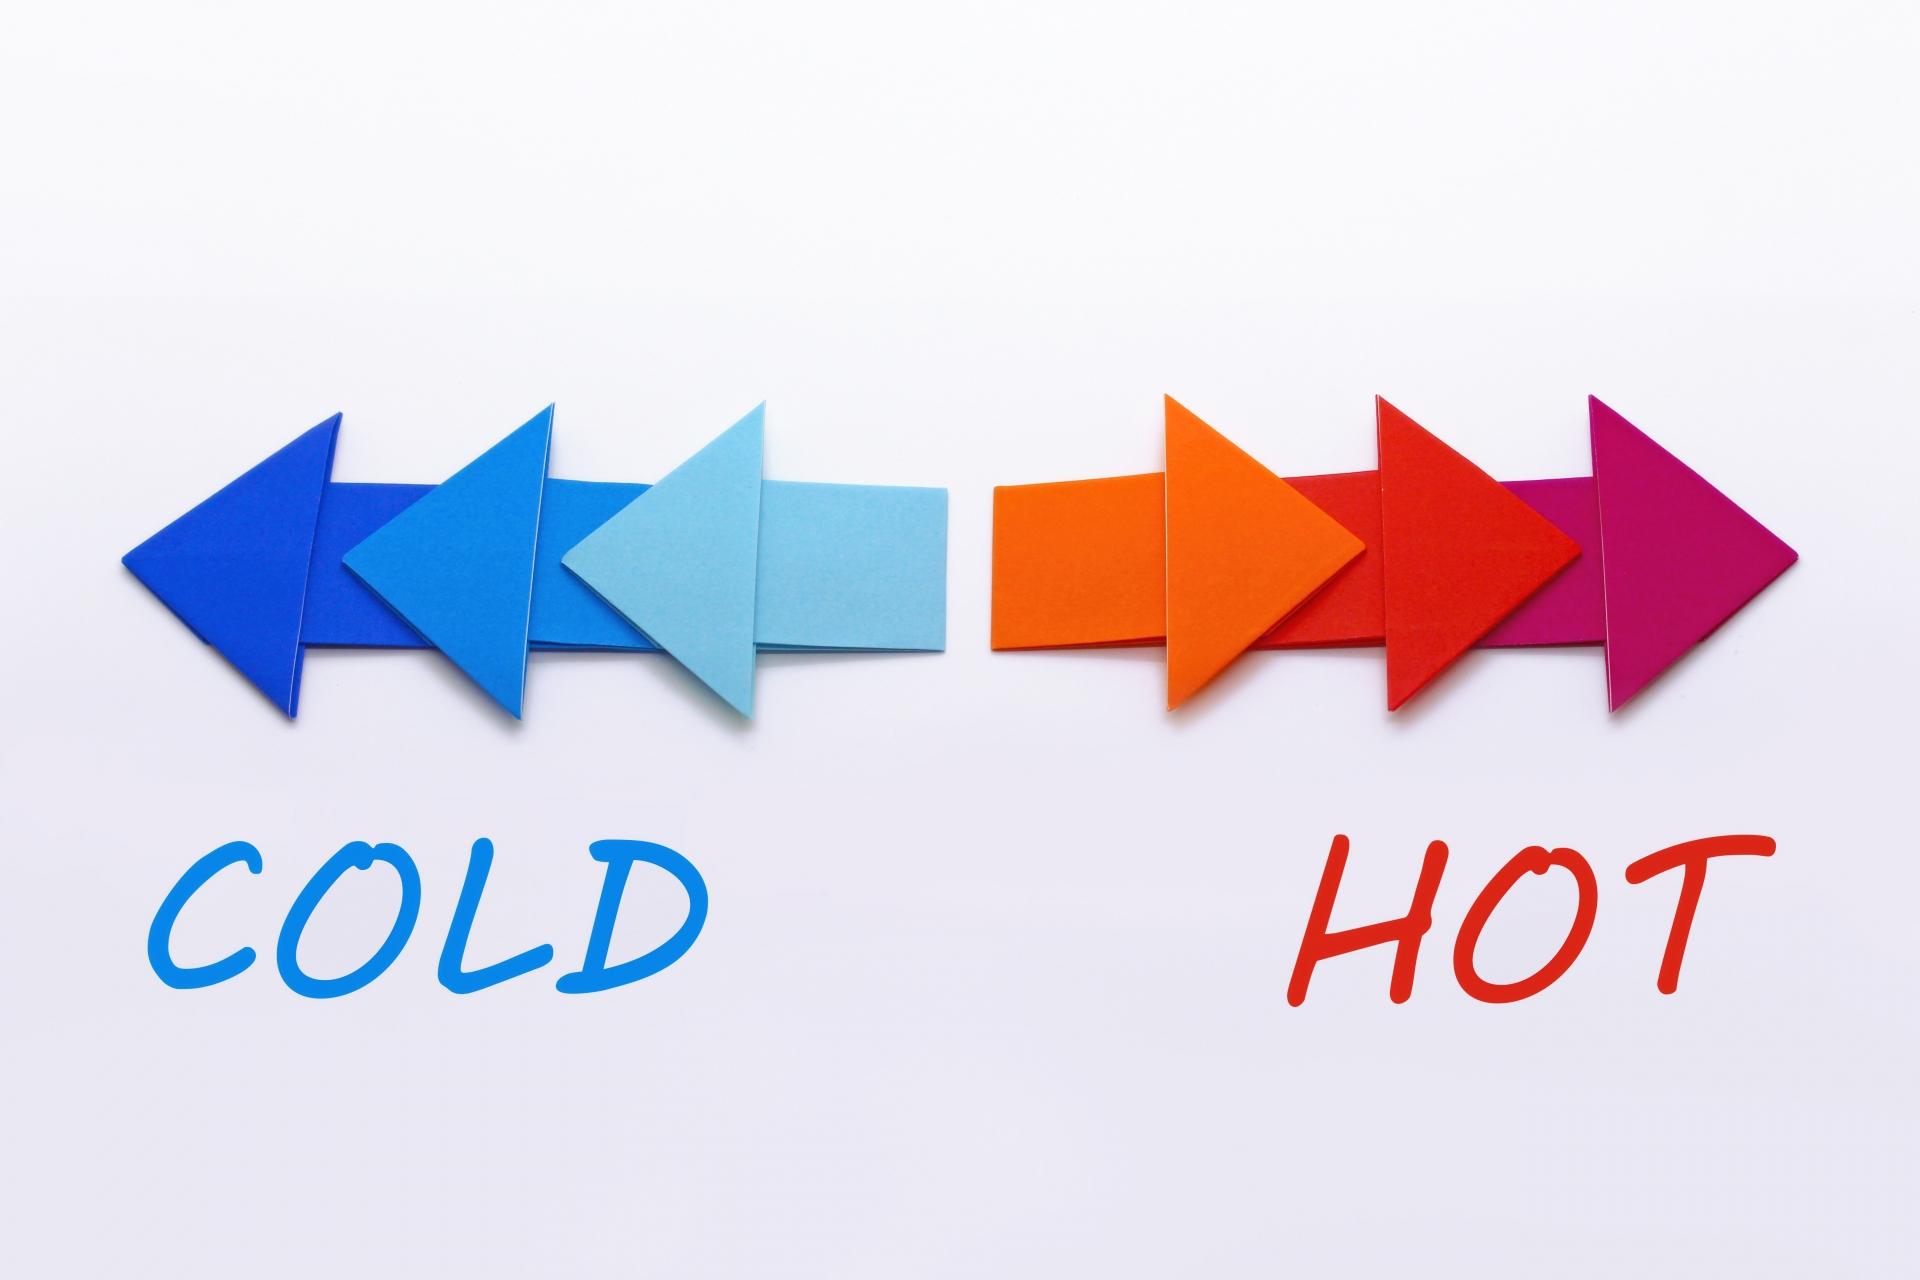 給湯器の適切な温度設定は何℃?季節による違いはある?